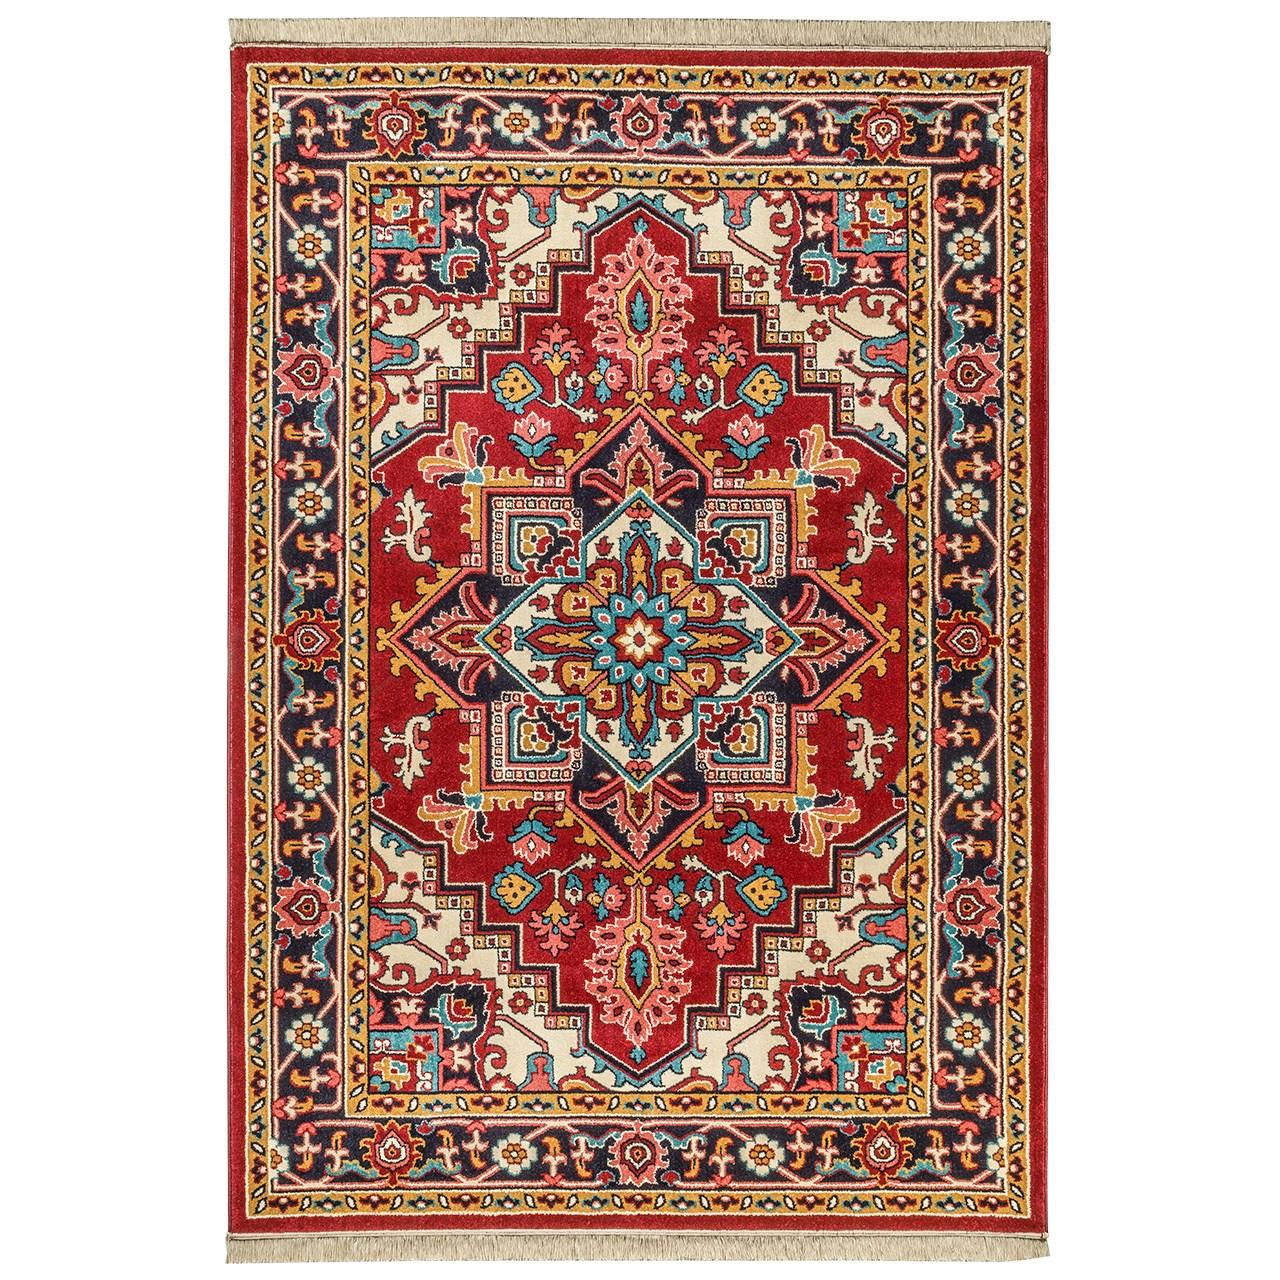 فرش ماشینی سهند کد B045.BJ طرح هریس زمینه قرمز کالیته بختیاری